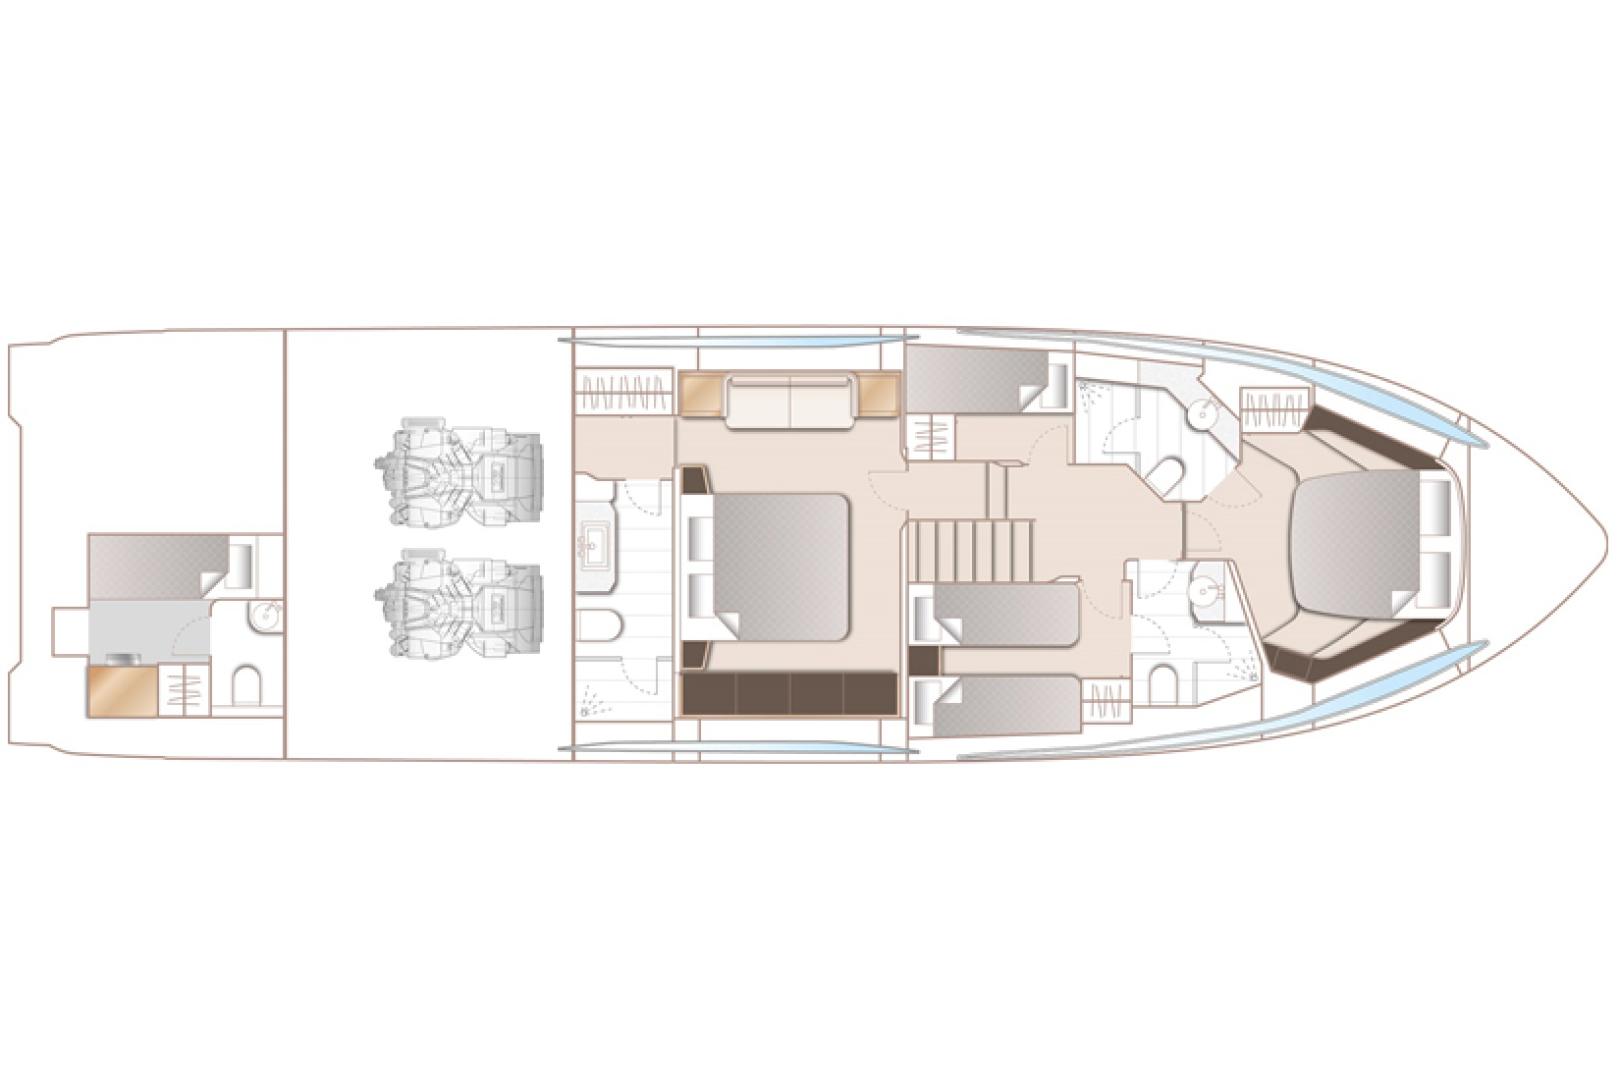 Princess-S65 2019-Paragon Cape Coral-Florida-United States-2019 65 Princess S65-Paragon-Interior Layout-1503980 | Thumbnail